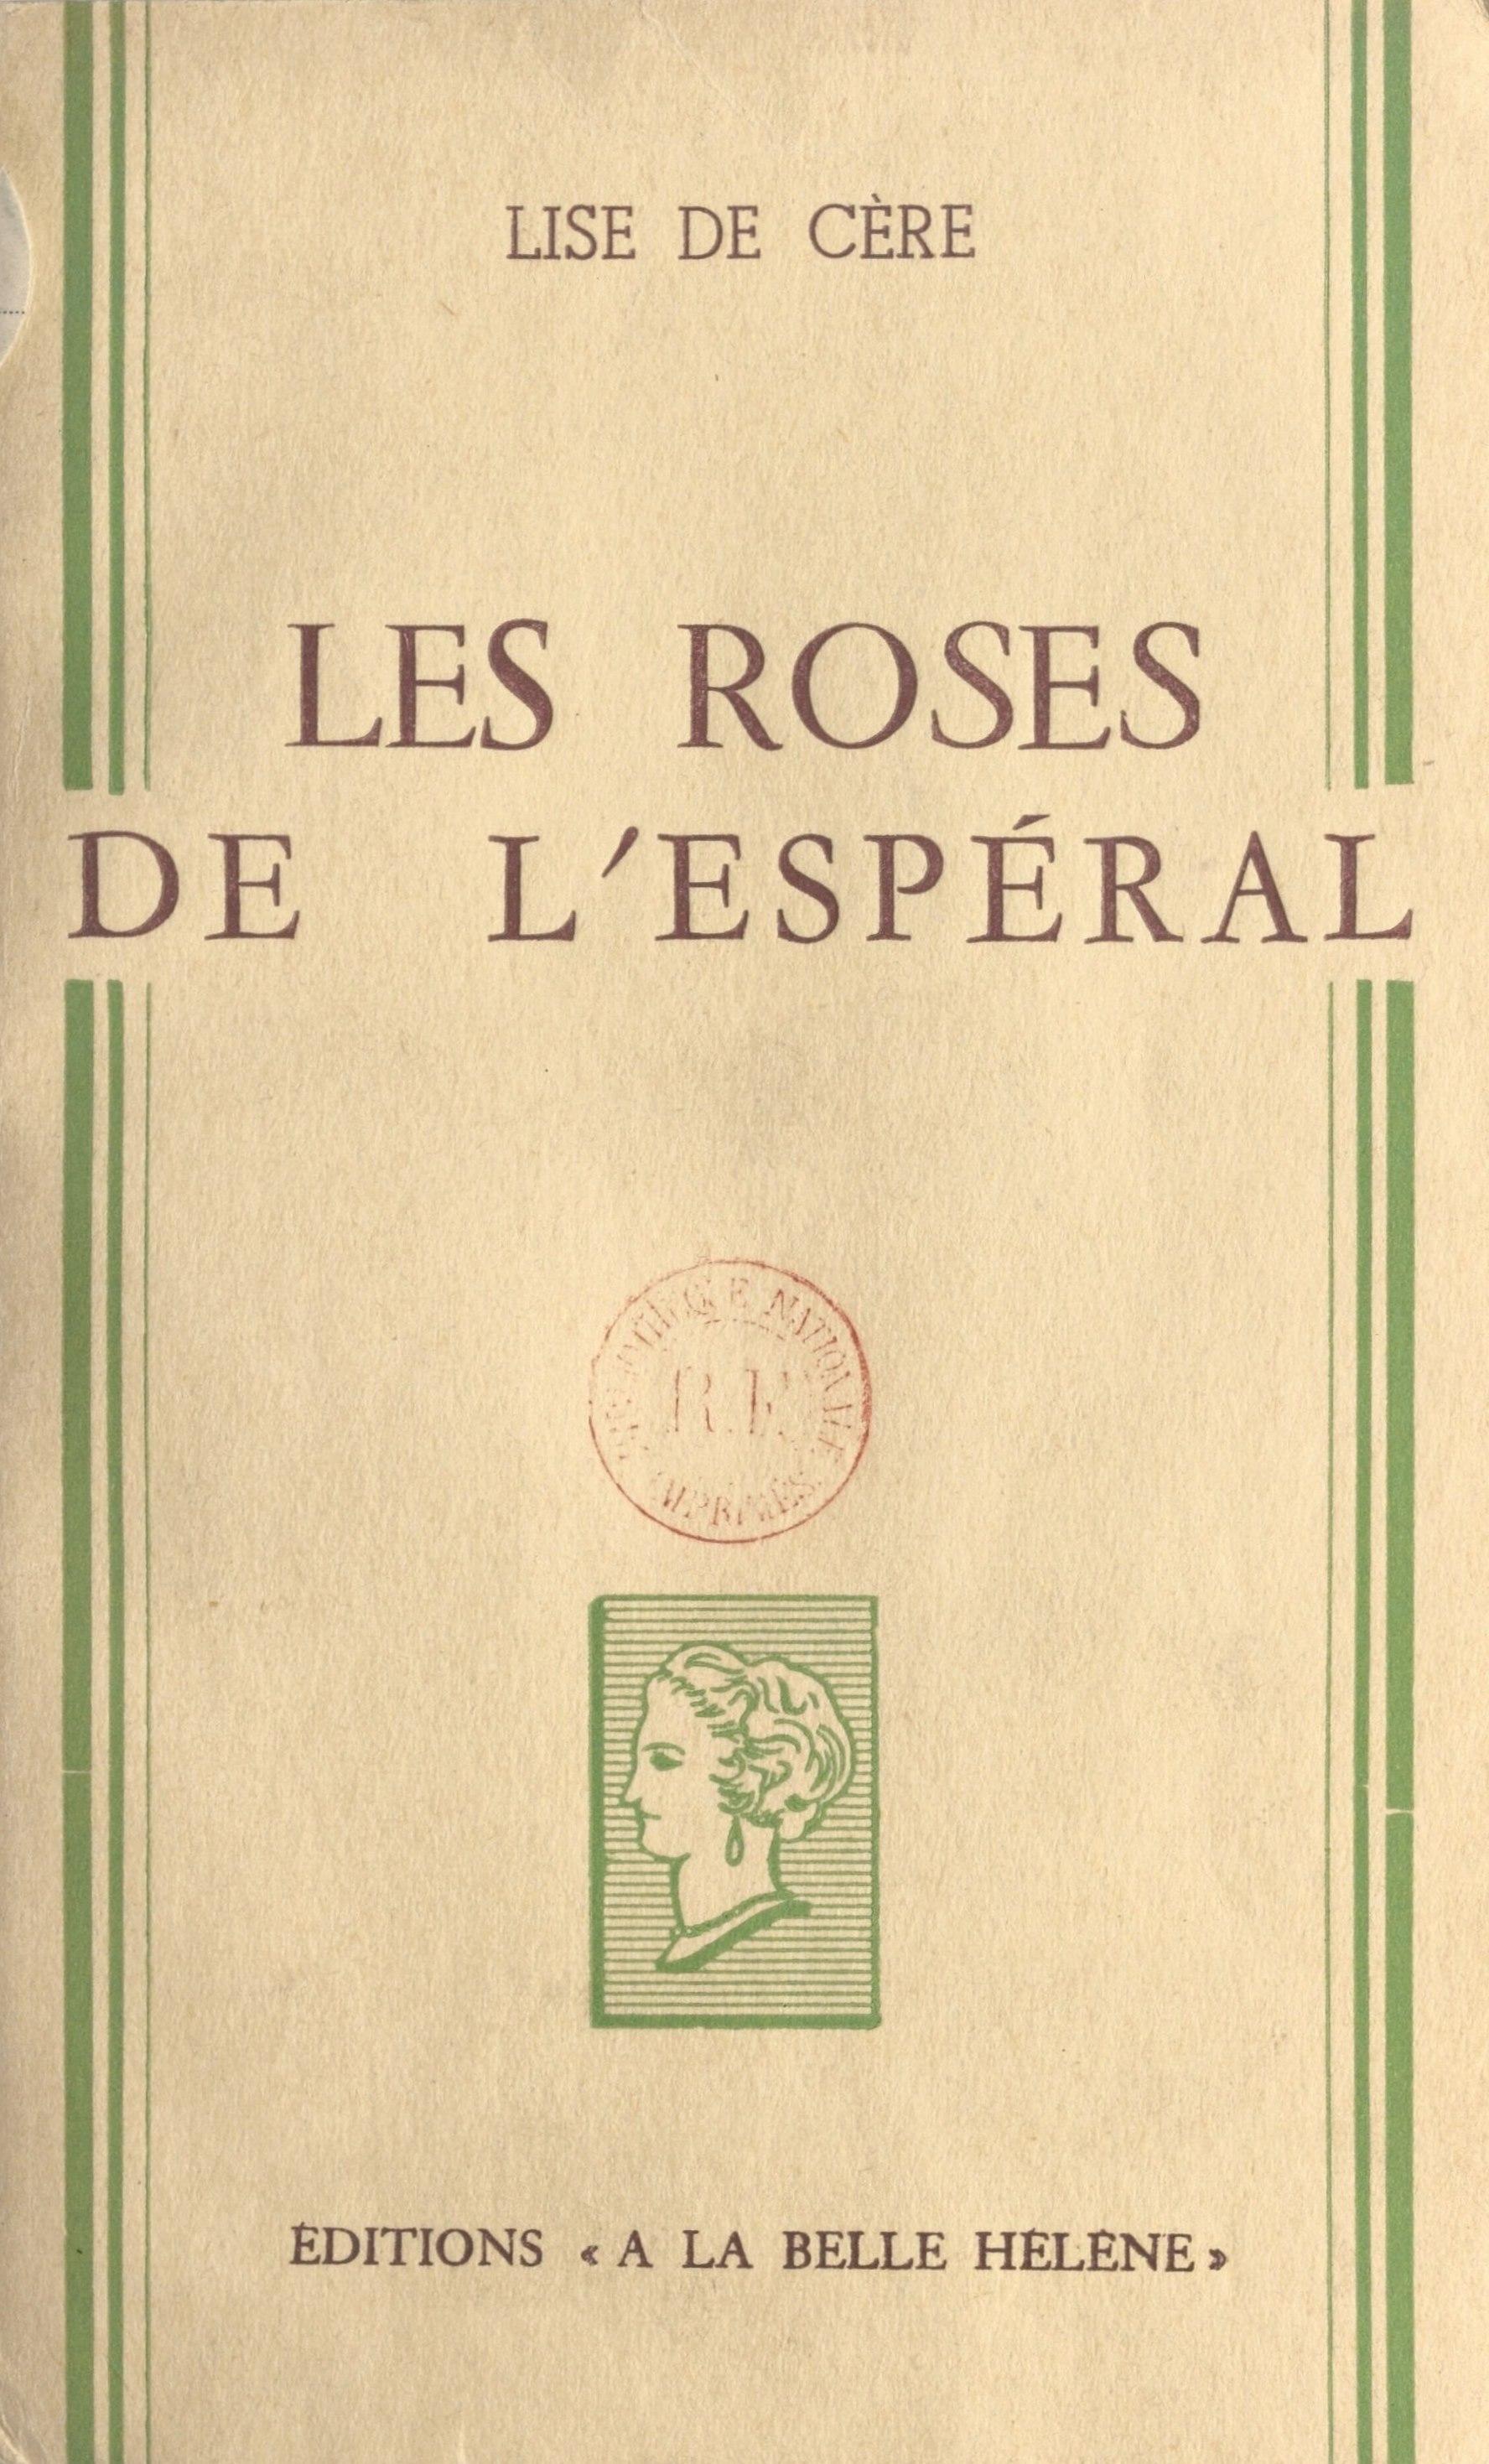 Les roses de l'Espéral